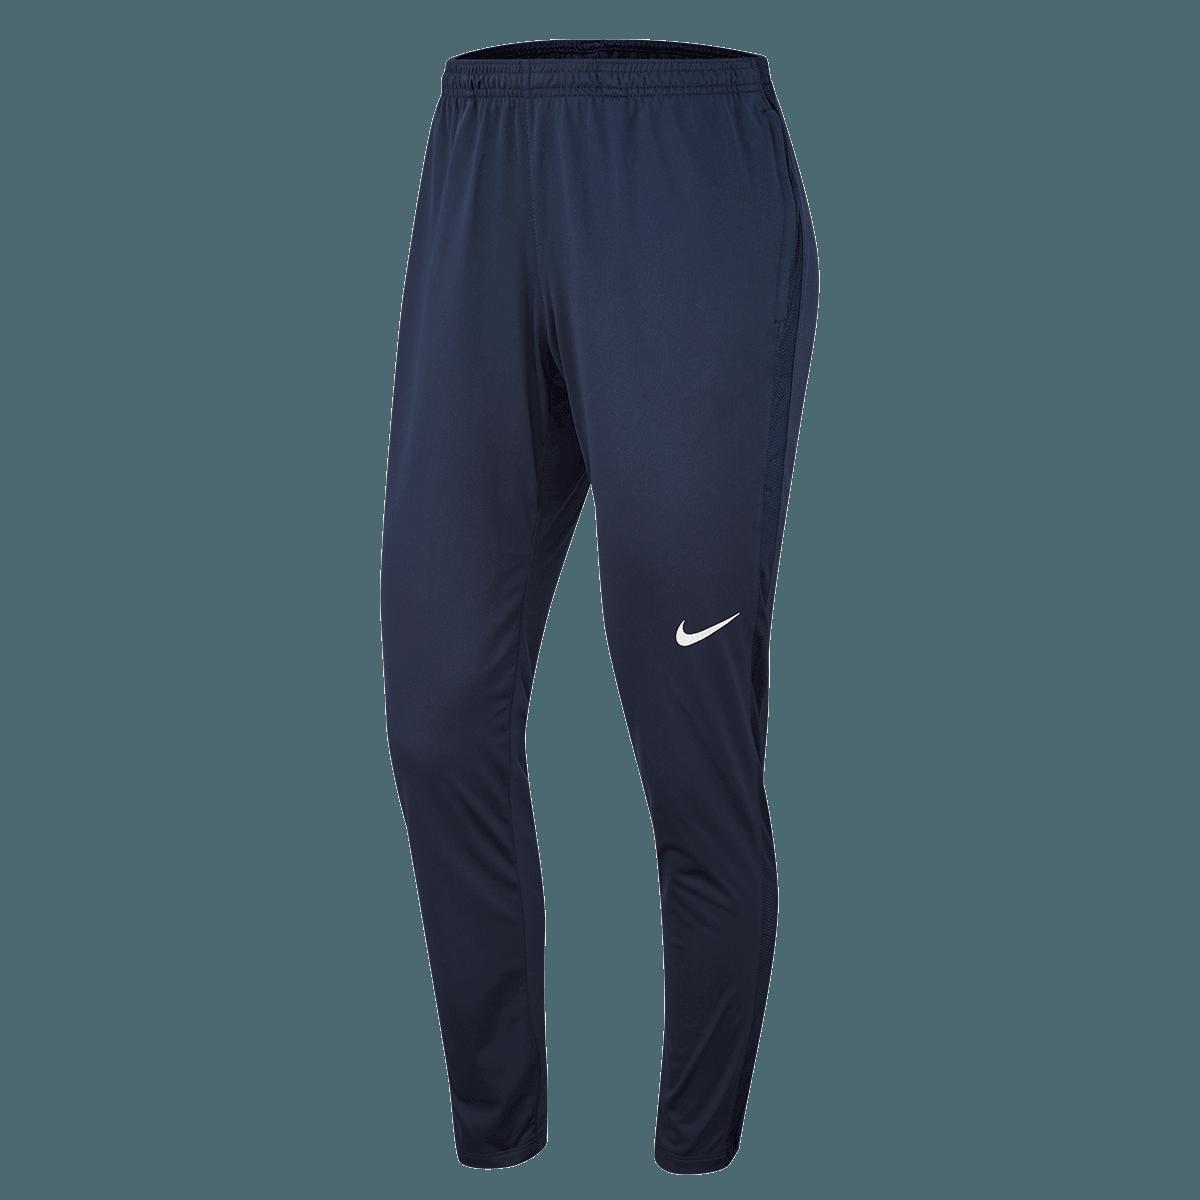 Nike dames trainingsbroek Academy 18 Pant donkerblauw/wit - Voetbal shop